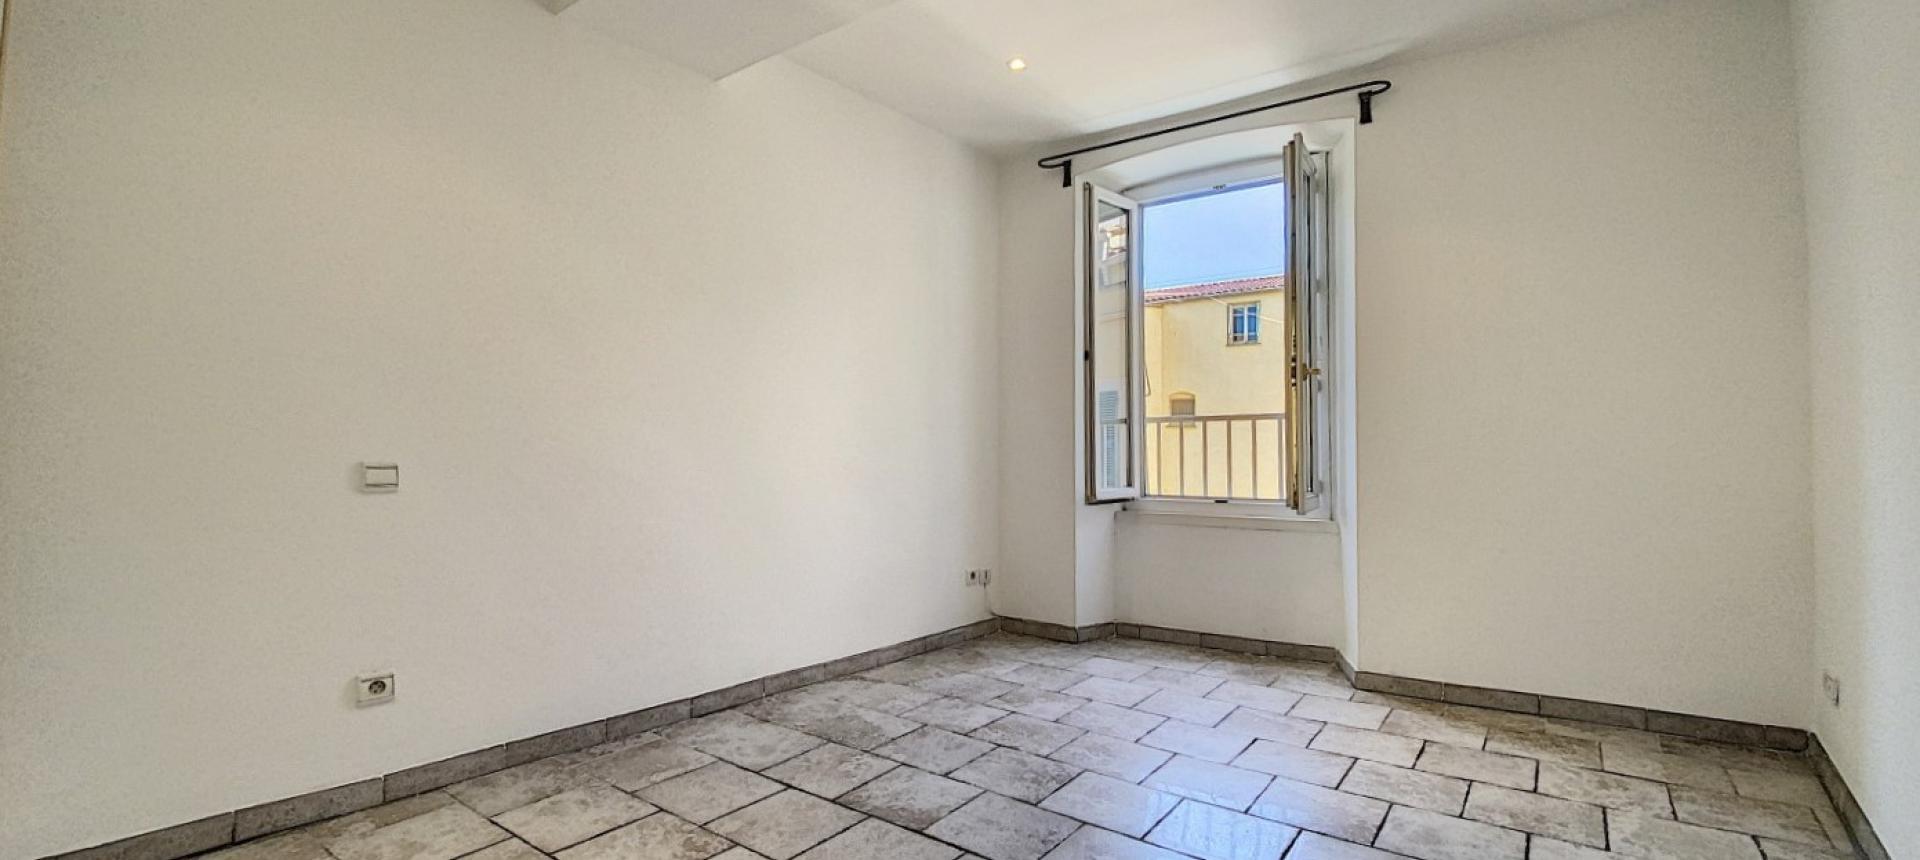 Vente d'un appartement F2 rénové-Centre historique Ajaccio - CHAMBRE